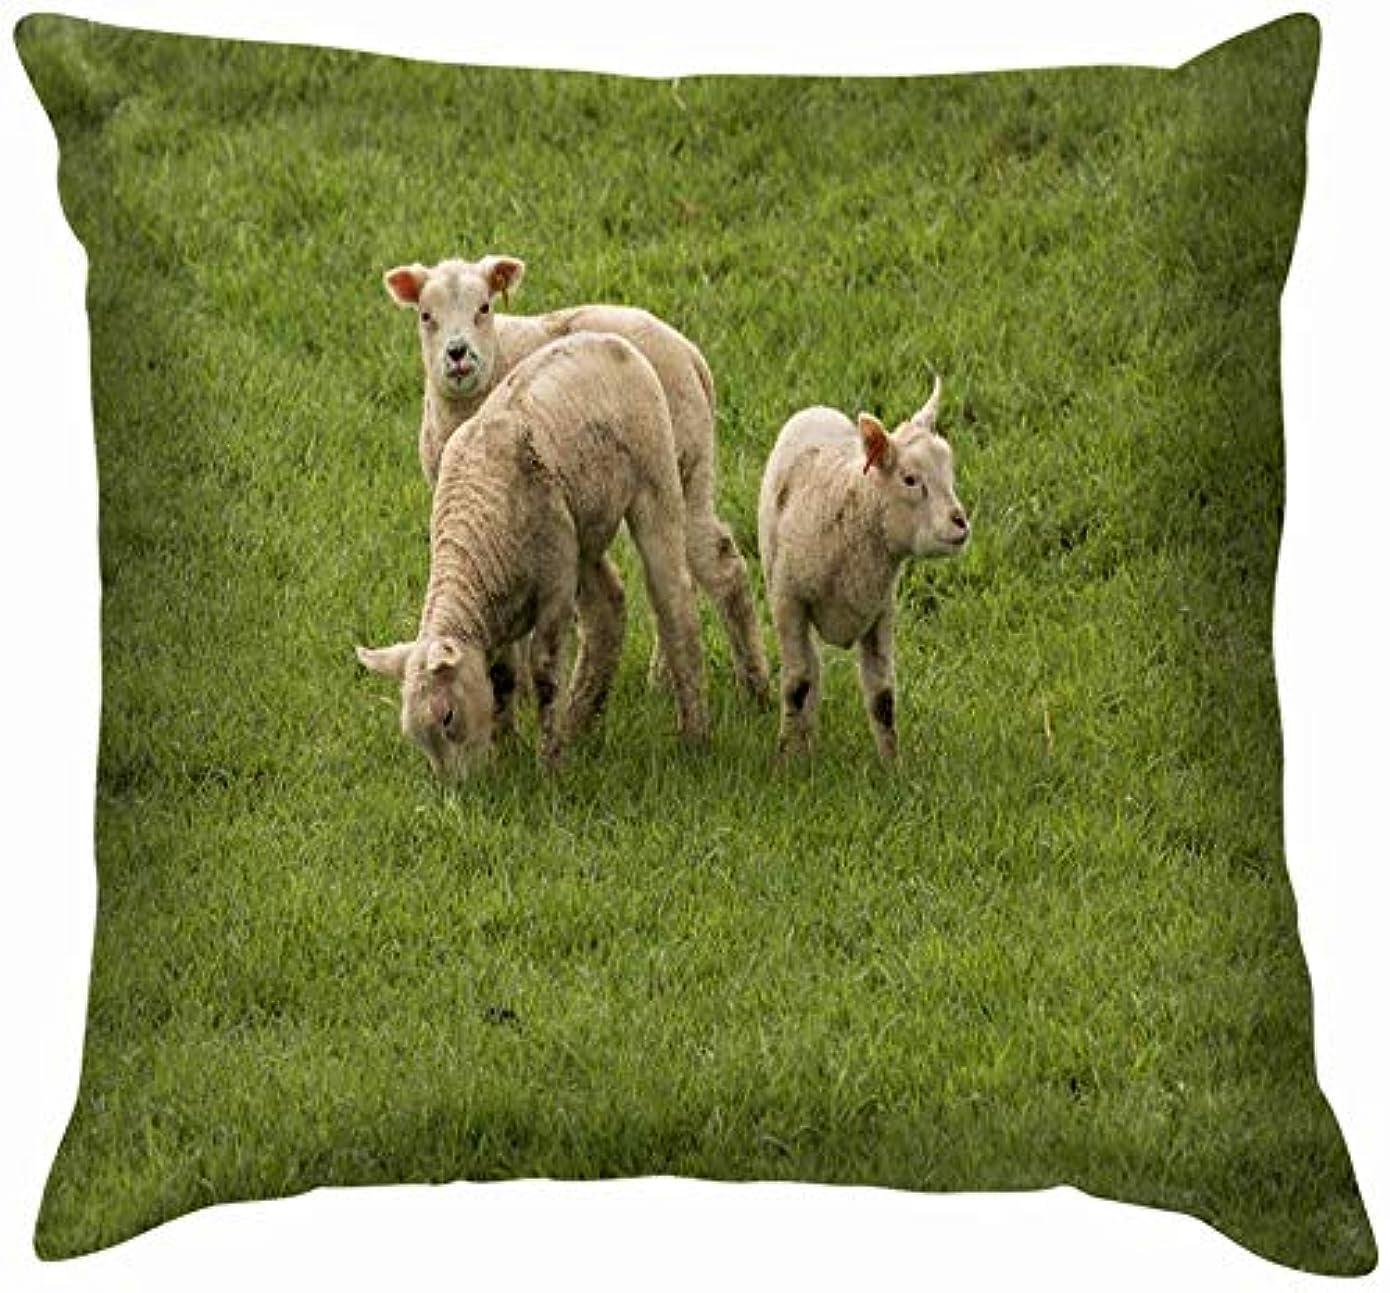 ロッド泥だらけ吸う3つの放牧羊緑の牧草地の動物野生動物農業自然投球枕カバーホームソファクッションカバー枕ギフト45x45 cm